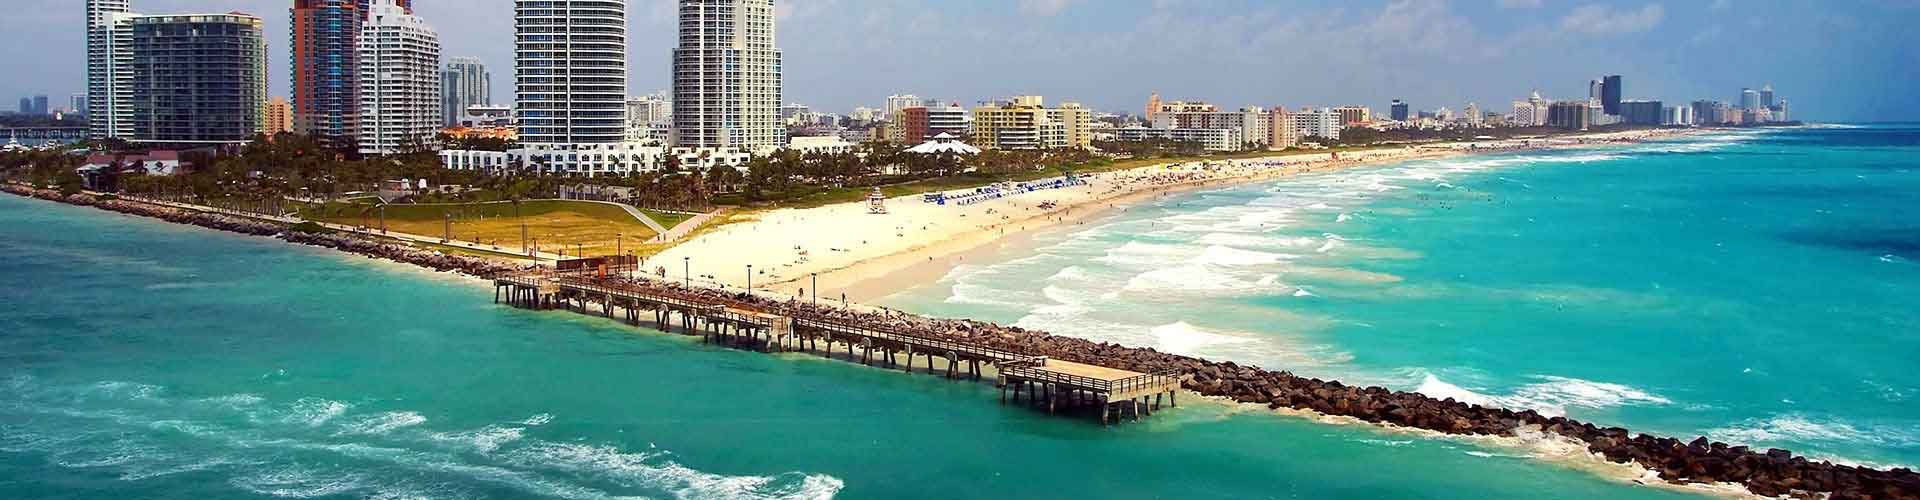 Miami - Ifjúsági Szállások Miamiben. Miami térképek, fotók és ajánlások minden egyes ifjúsági szállásokra Miami-ben.